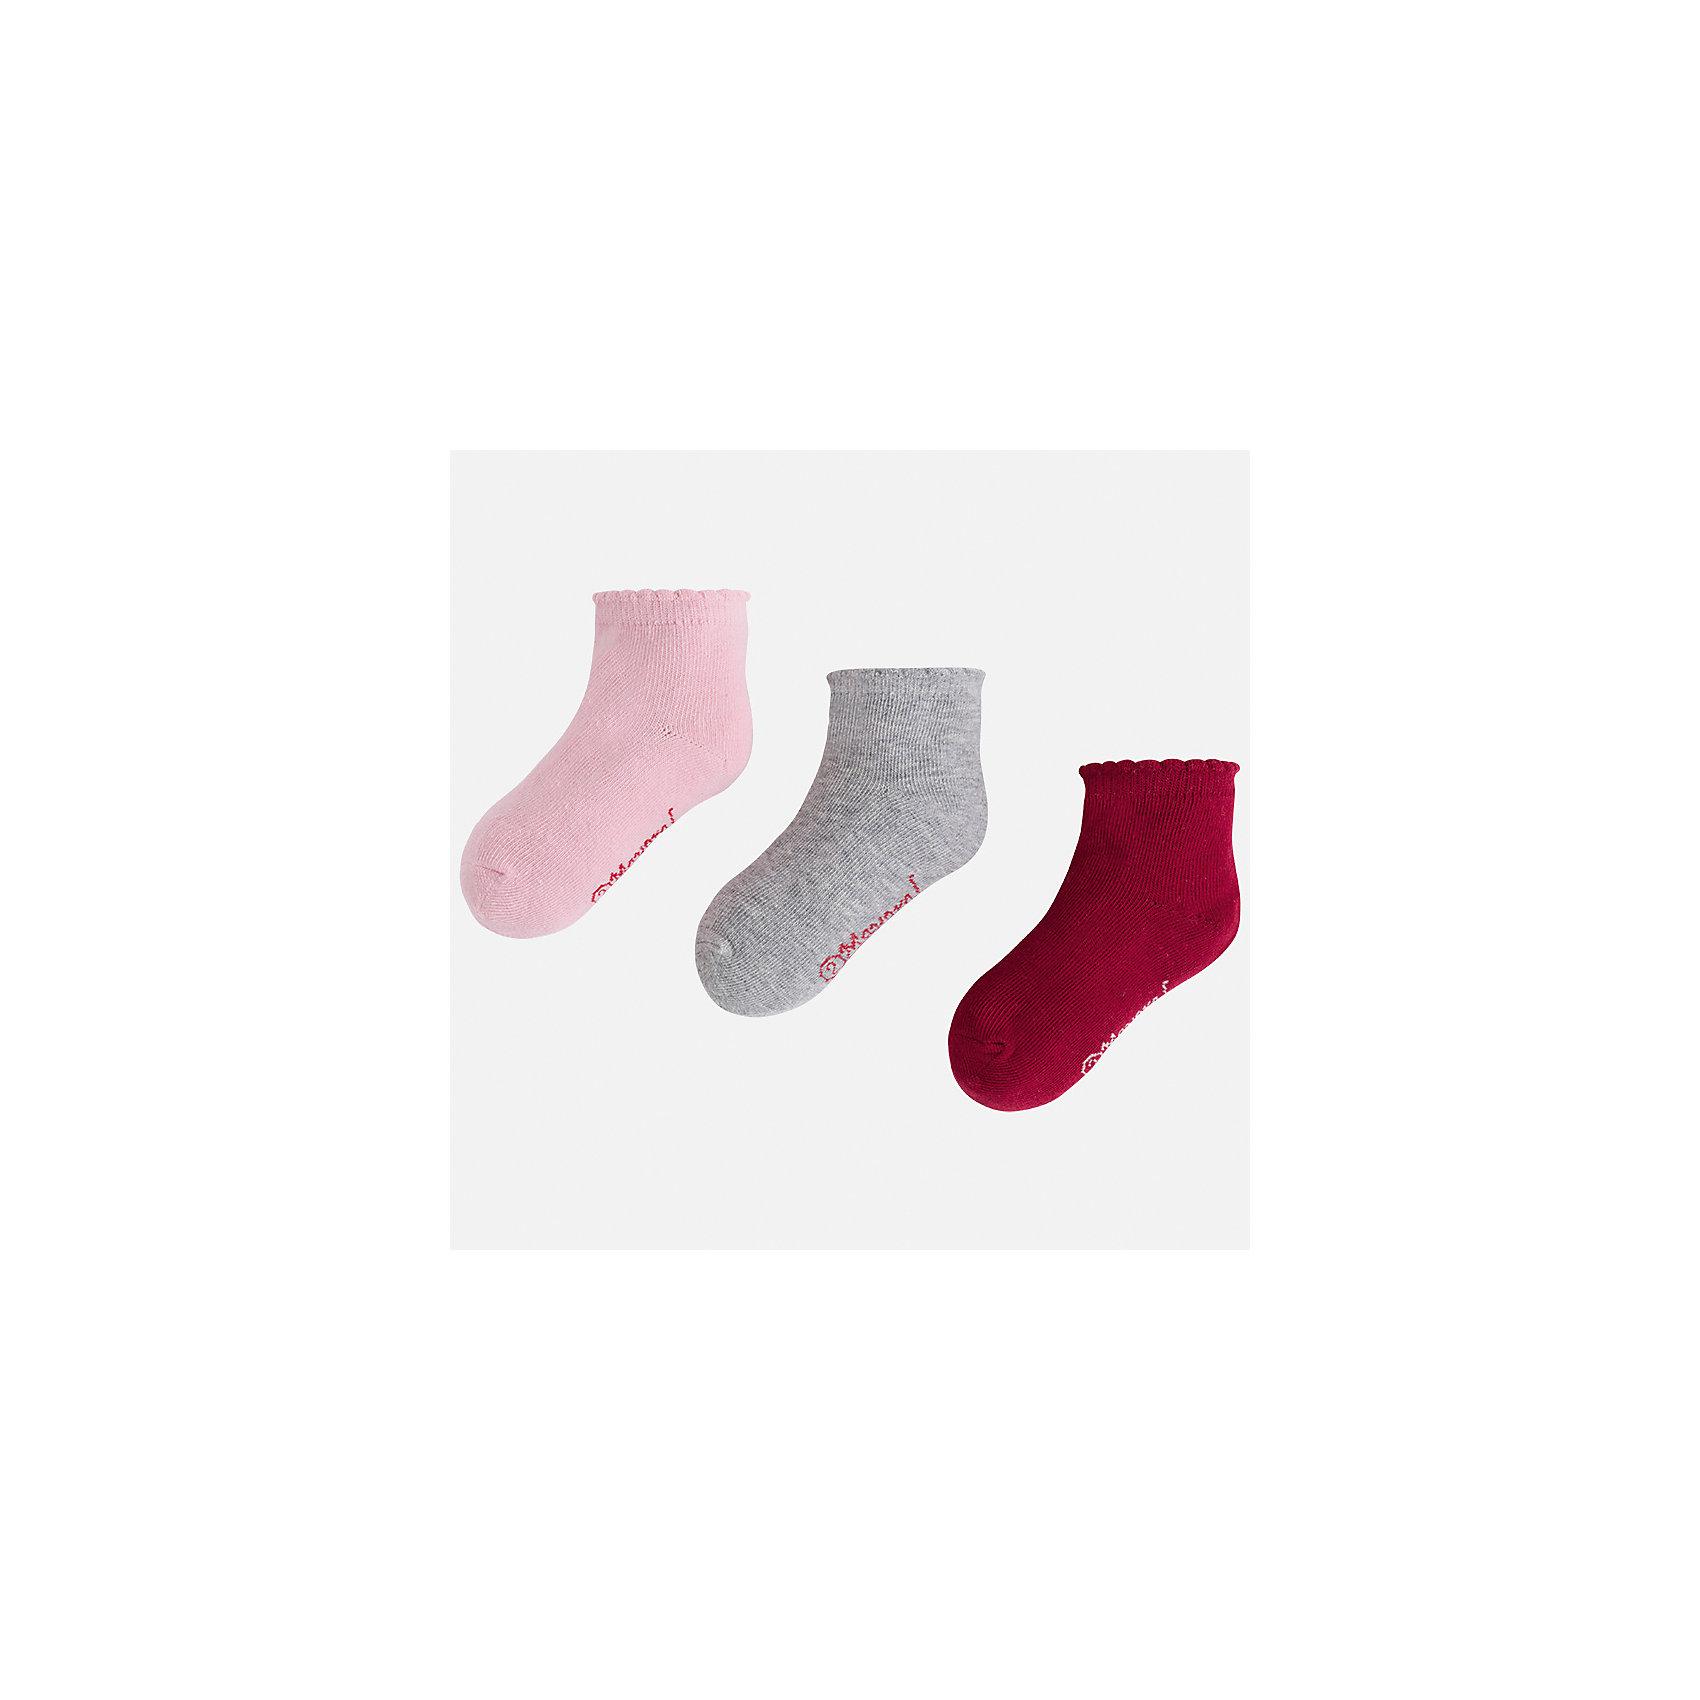 Носки (3 пары) Mayoral для девочкиНоски<br>Характеристики товара:<br><br>• цвет: красный<br>• состав ткани: 74% хлопок, 20% полиэстер, 3% полиамид, 3% эластан<br>• сезон: круглый год<br>• комплектация: 3 пары<br>• страна бренда: Испания<br>• страна изготовитель: Индия<br><br>Эти детские носки от популярного испанского бренда Mayoral состоят преимущественно из натурального дышащего хлопка. Они комфортно сидят благодаря мягкой резинке.<br><br>Для производства детской одежды популярный бренд Mayoral используют только качественную фурнитуру и материалы. Оригинальные и модные вещи от Майорал неизменно привлекают внимание и нравятся детям.<br><br>Носки (3 пары) для девочки Mayoral (Майорал) можно купить в нашем интернет-магазине.<br><br>Ширина мм: 87<br>Глубина мм: 10<br>Высота мм: 105<br>Вес г: 115<br>Цвет: красный<br>Возраст от месяцев: 96<br>Возраст до месяцев: 108<br>Пол: Женский<br>Возраст: Детский<br>Размер: 33-35,24-26,27-29,30-32<br>SKU: 6925557